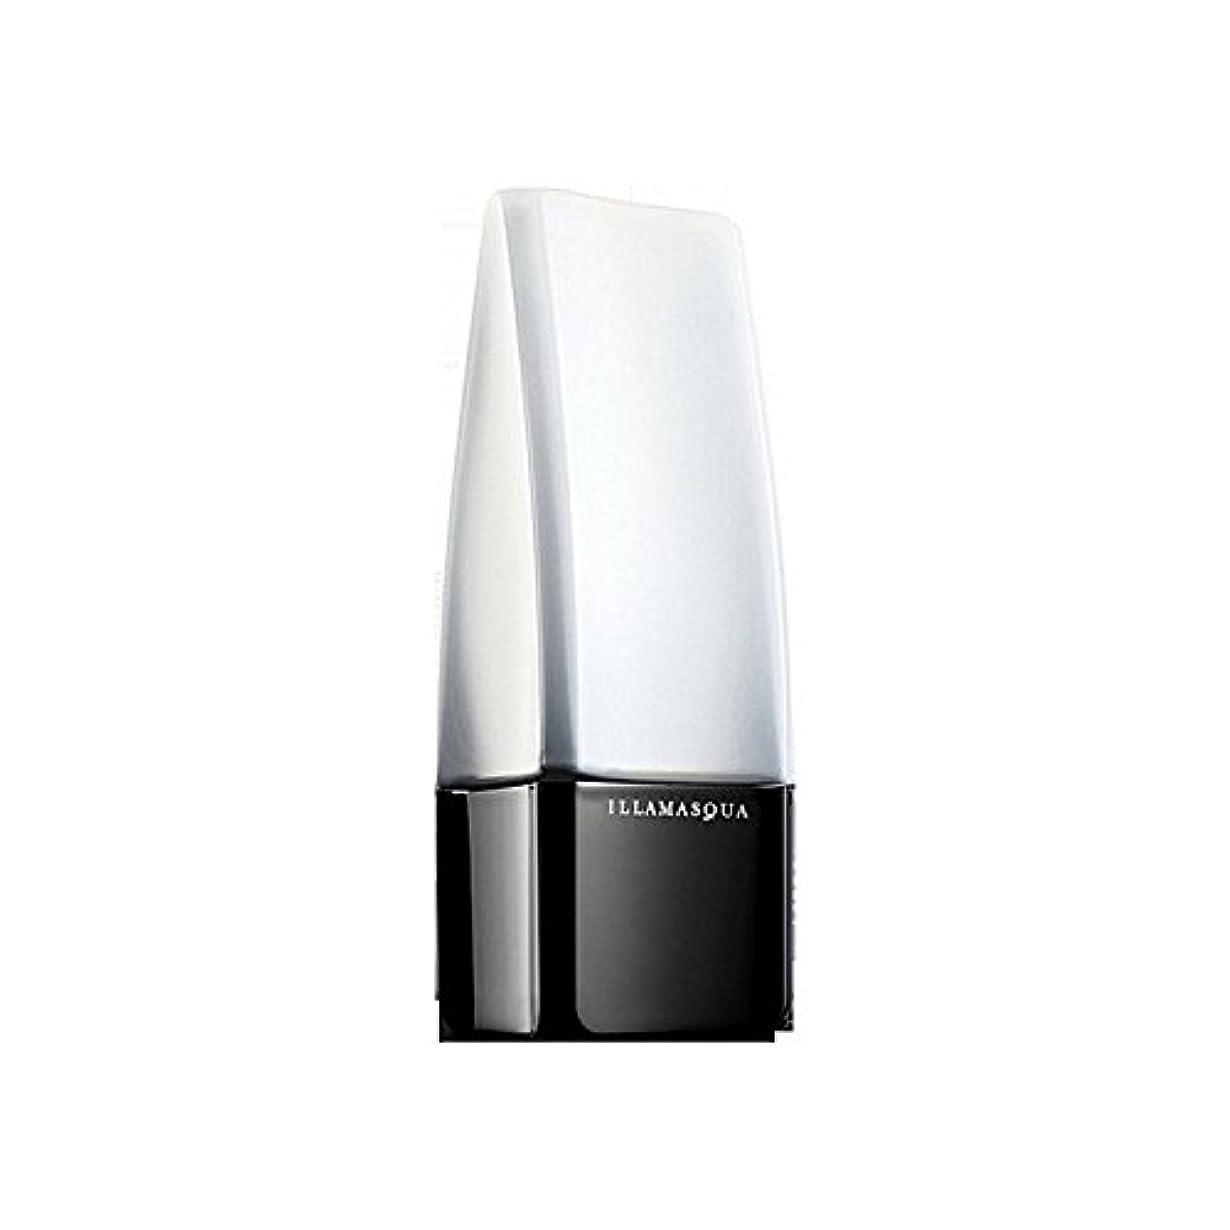 呼吸スカルク産地マットプライマー 20 30ミリリットル x4 - Illamasqua Matt Primer Spf 20 30ml (Pack of 4) [並行輸入品]